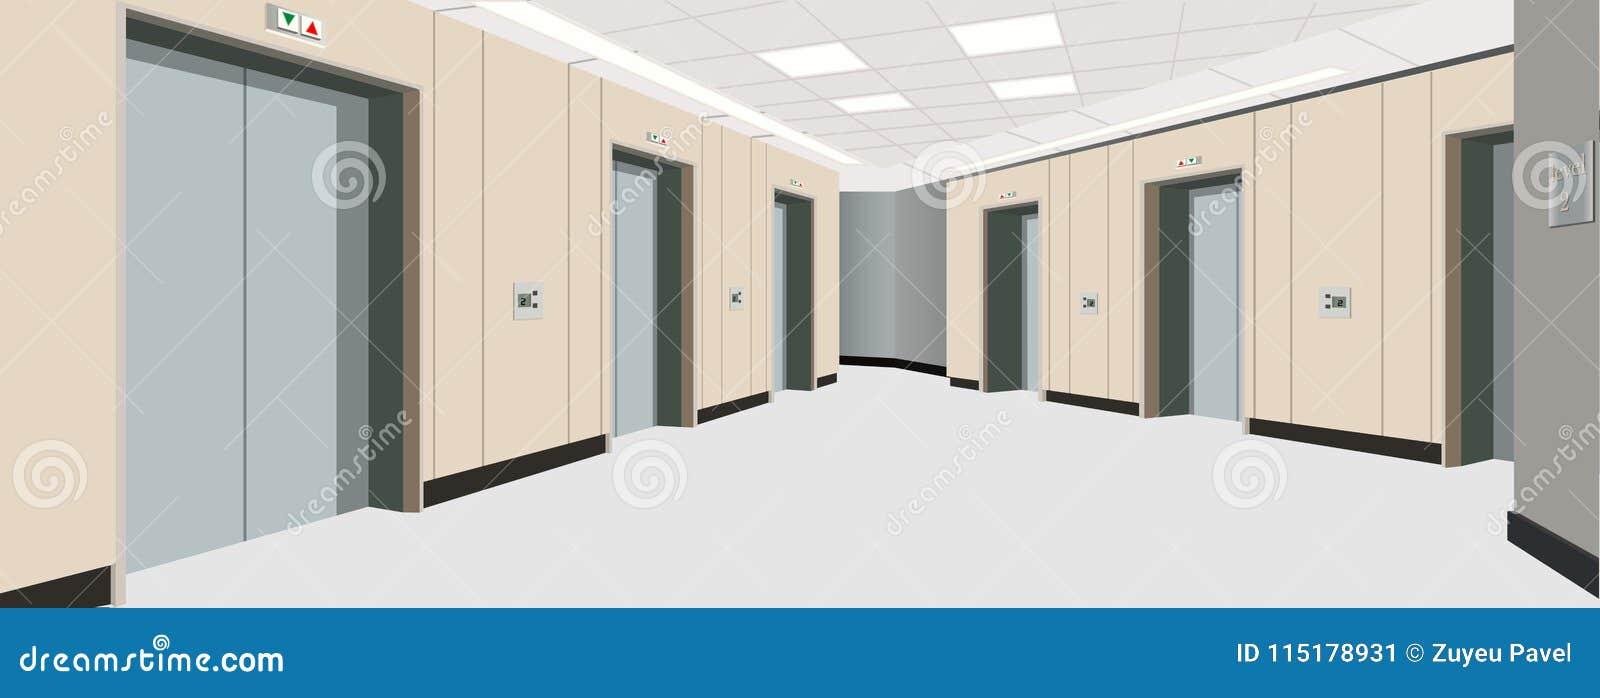 Puertas del elevador en el piso interior del pasillo largo - Puertas piso interior ...